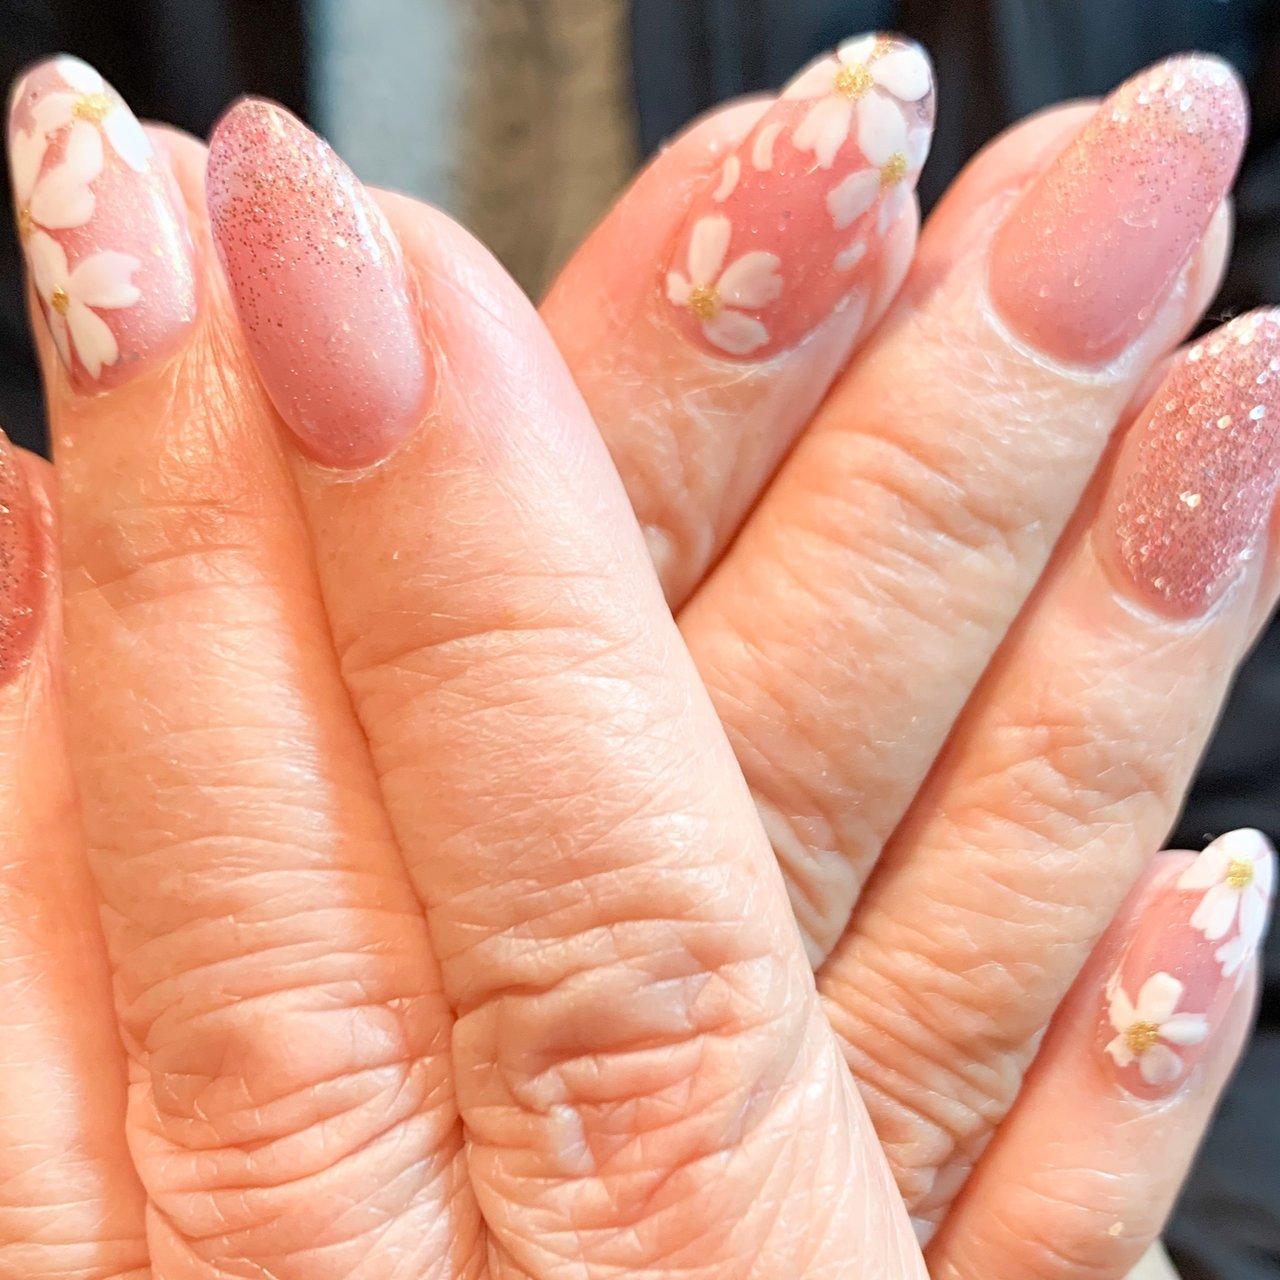 パールピンクとピンクラメ お花🌸アートで春満開です(^^) ジェリップにて3本長さ出し フラットアート4本  ラメ #春 #オールシーズン #ハンド #ラメ #フラワー #ミディアム #ピンク #ジェル #お客様 #ネイルbarこころ~556~ #ネイルブック